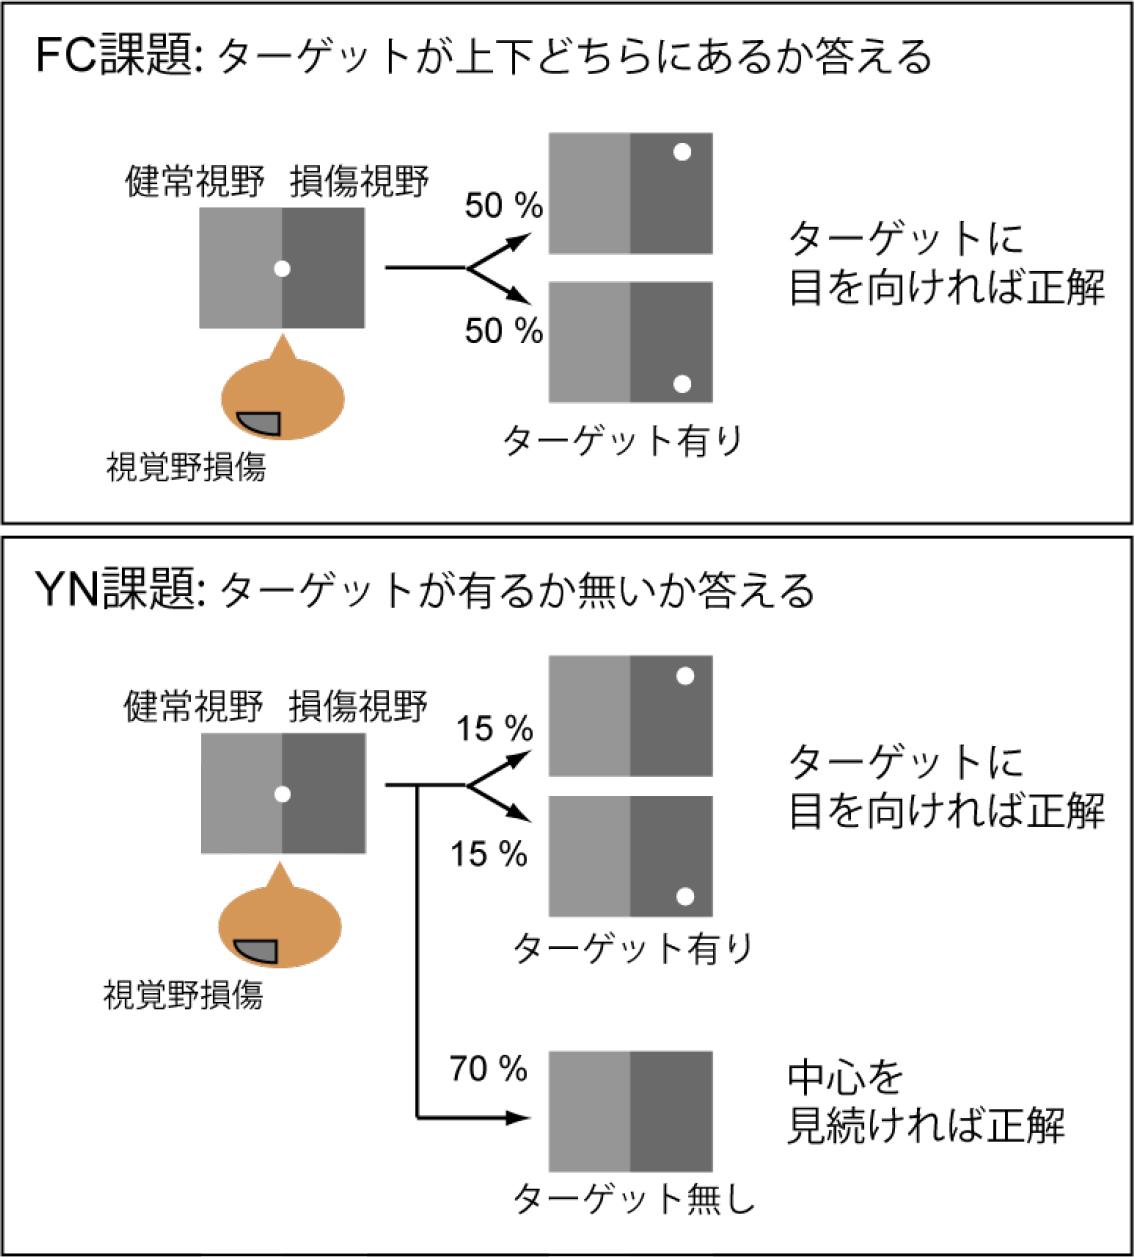 20150616press_yoshida2.jpg